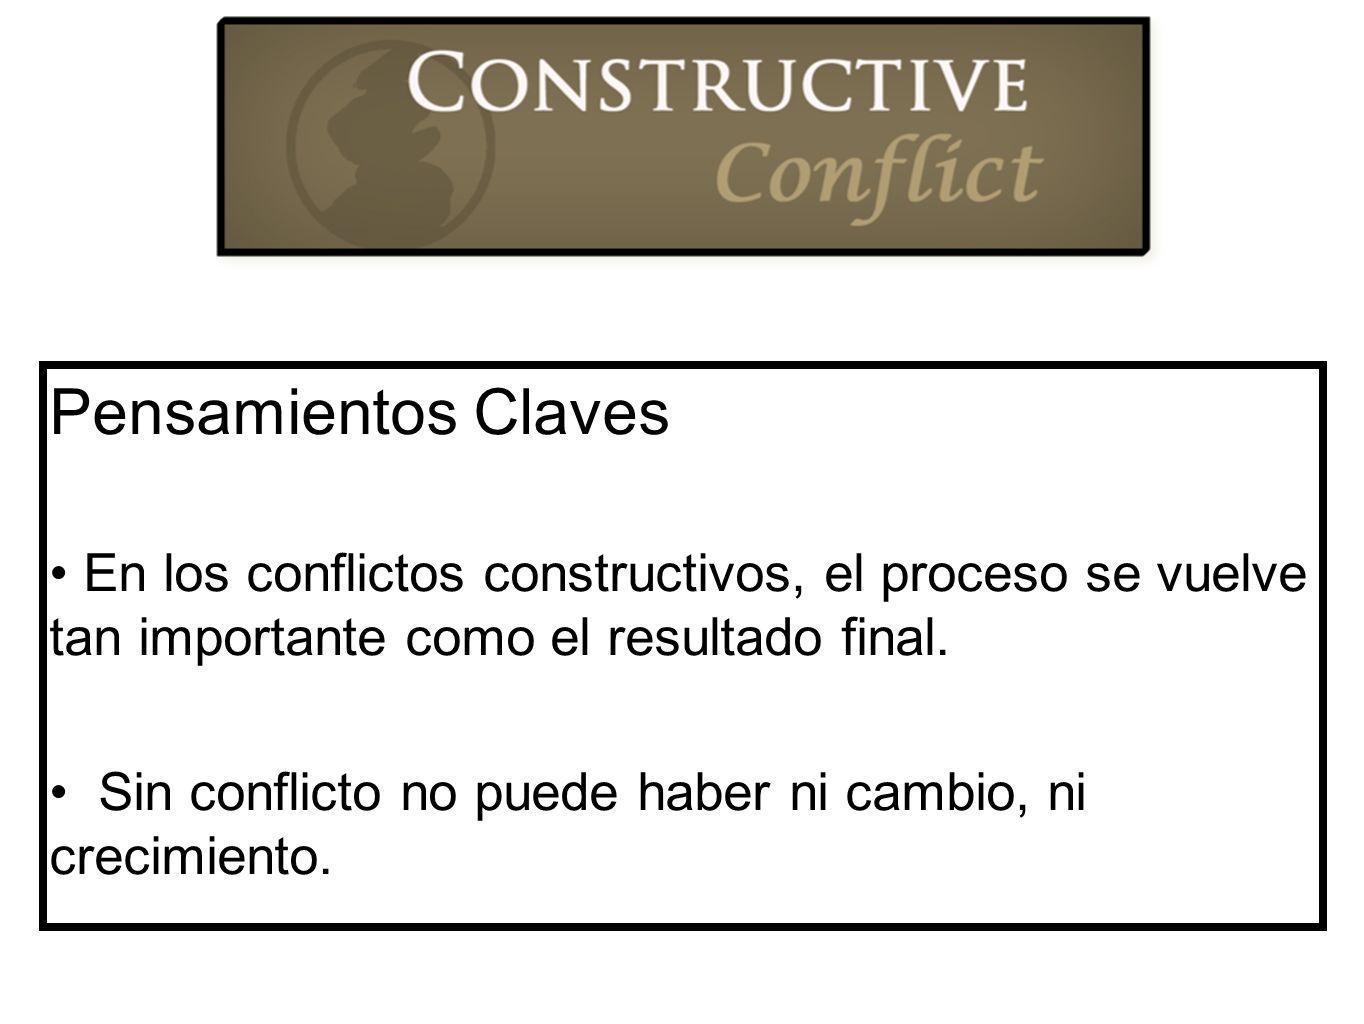 Pensamientos Claves En los conflictos constructivos, el proceso se vuelve tan importante como el resultado final.